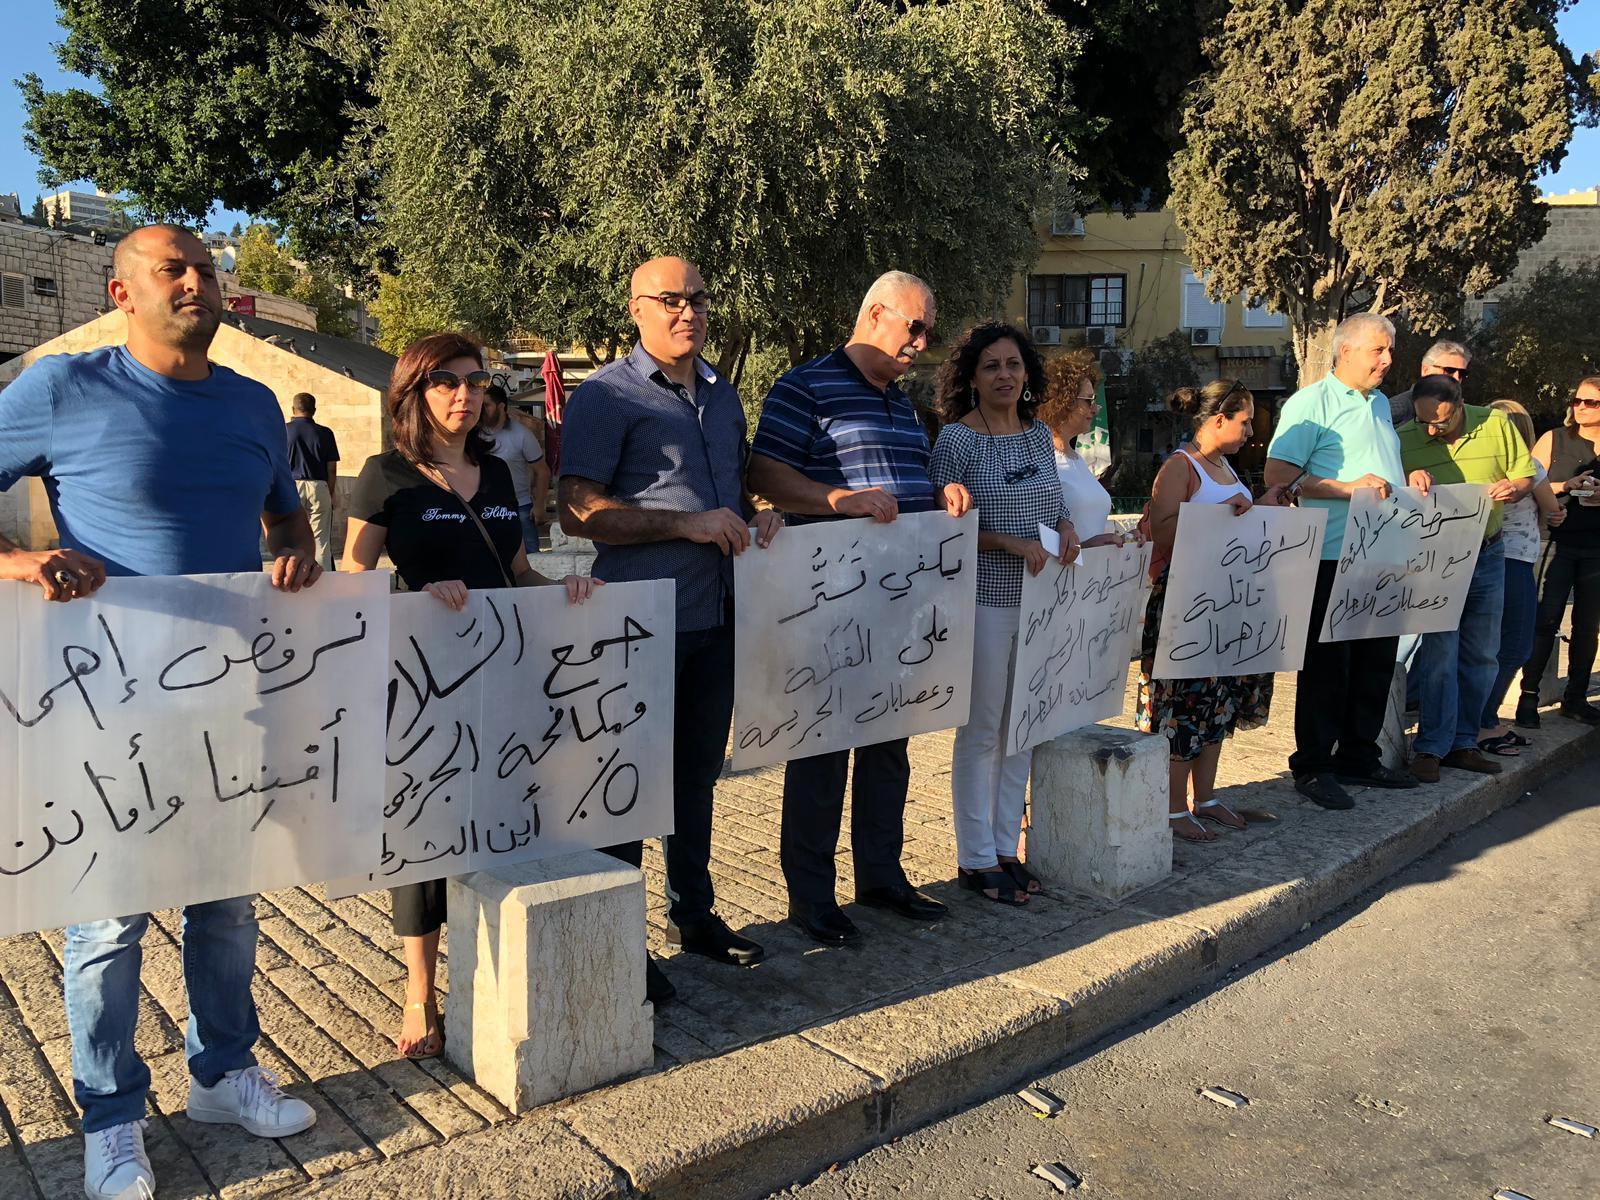 وقفة في الناصرة احتجاجا على العنف والجريمة